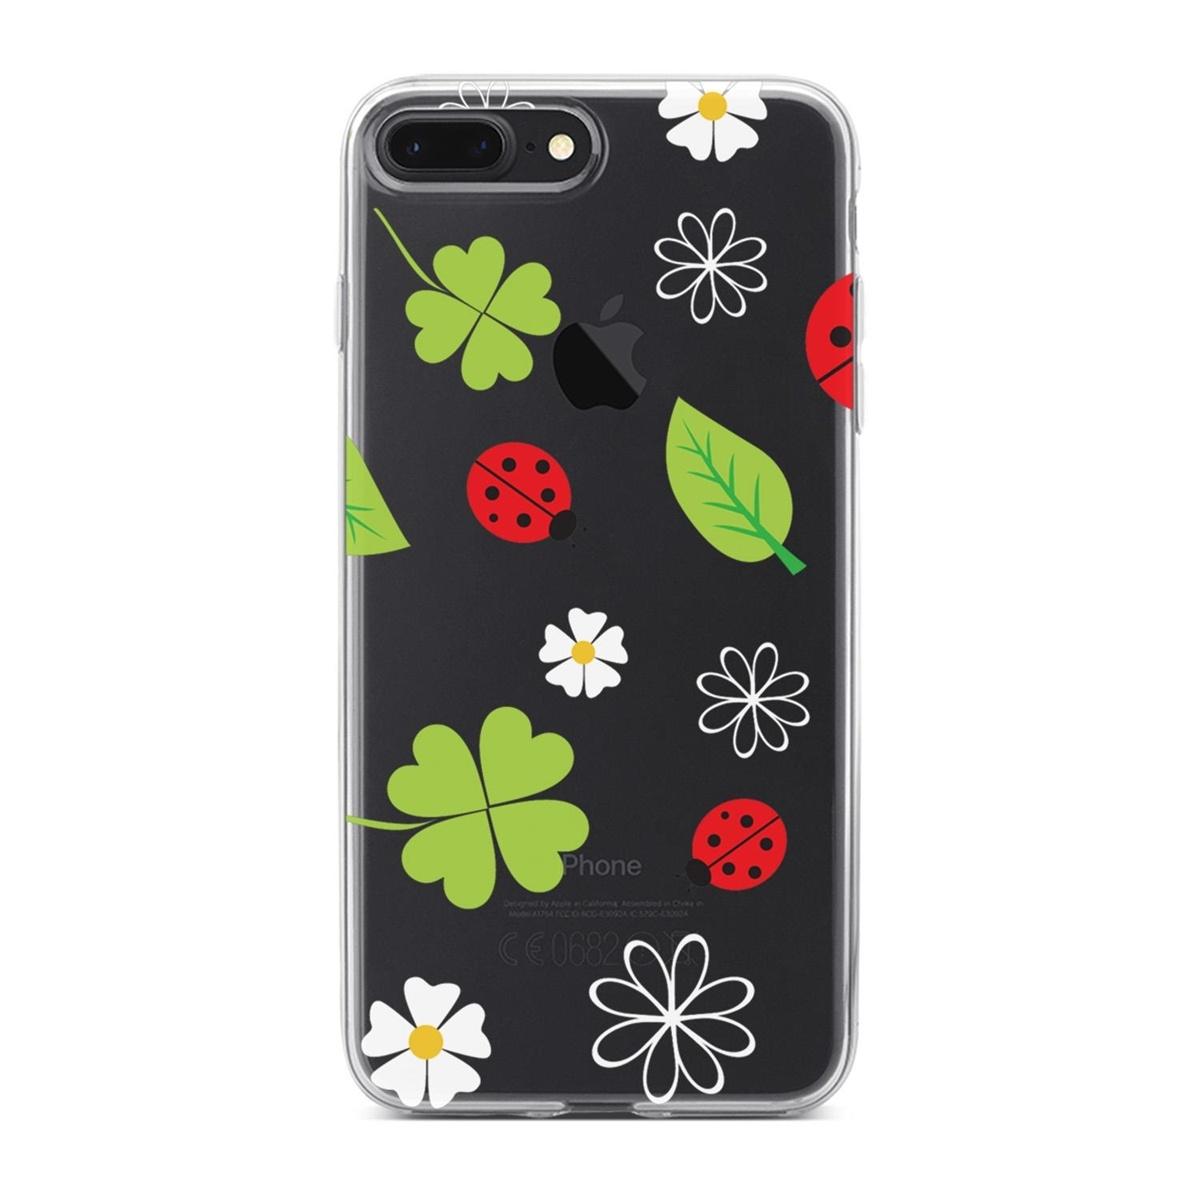 Standart Lopard Apple iPhone 8 Plus Kılıf Uğur Böcekleri Yonca Kapak